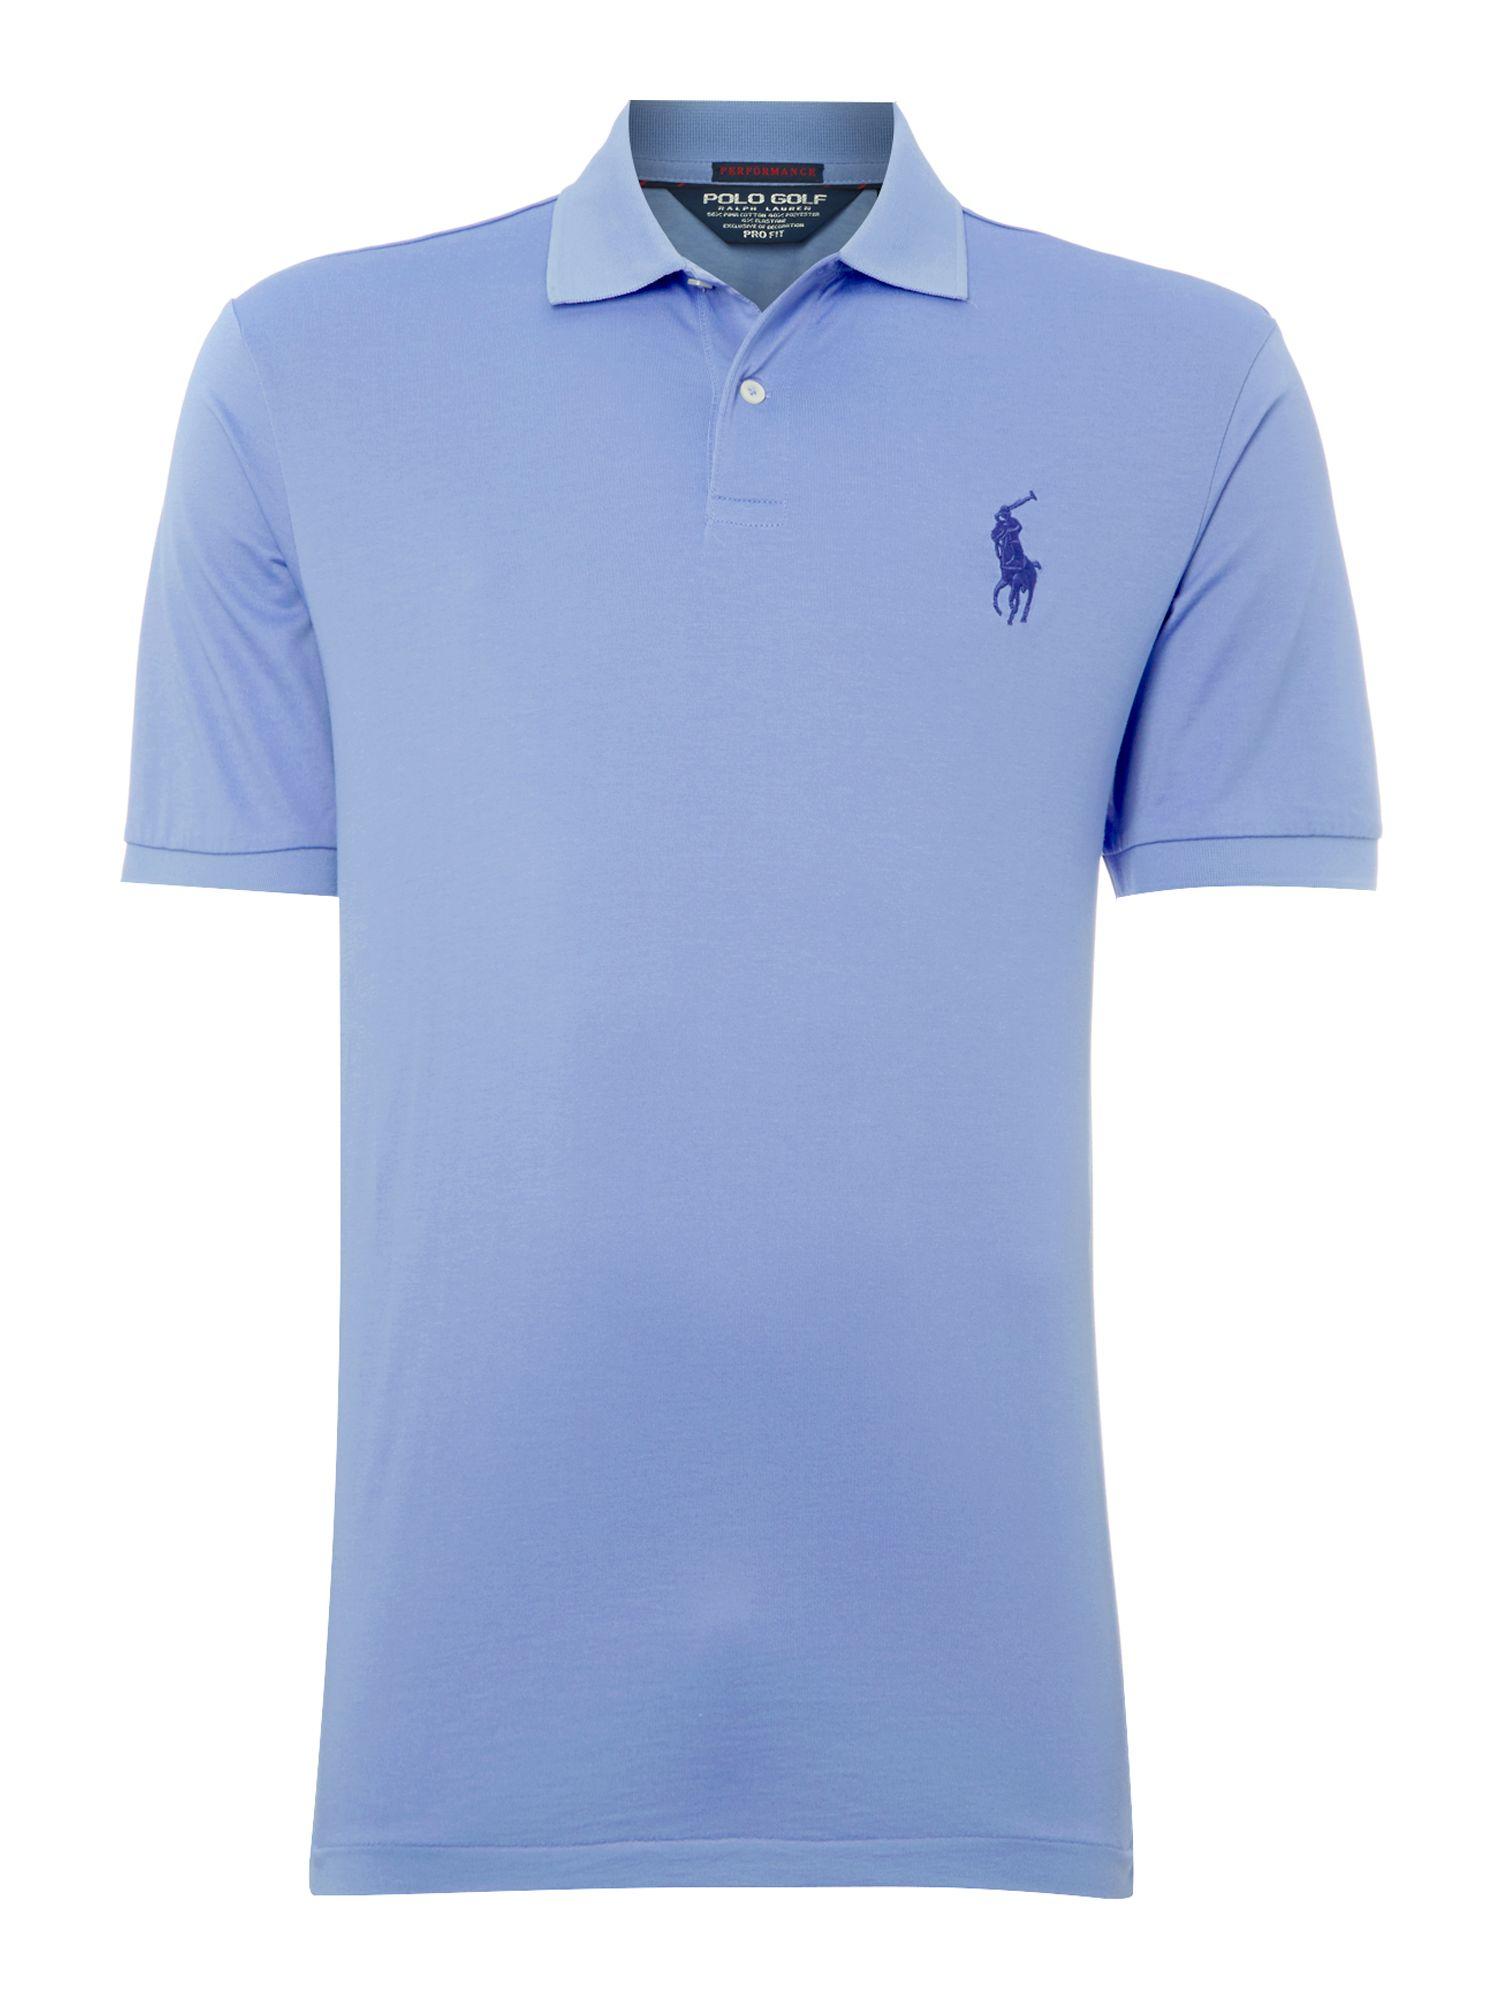 Ralph lauren golf moisture wicking pro fit polo shirt in for Moisture wicking golf shirts